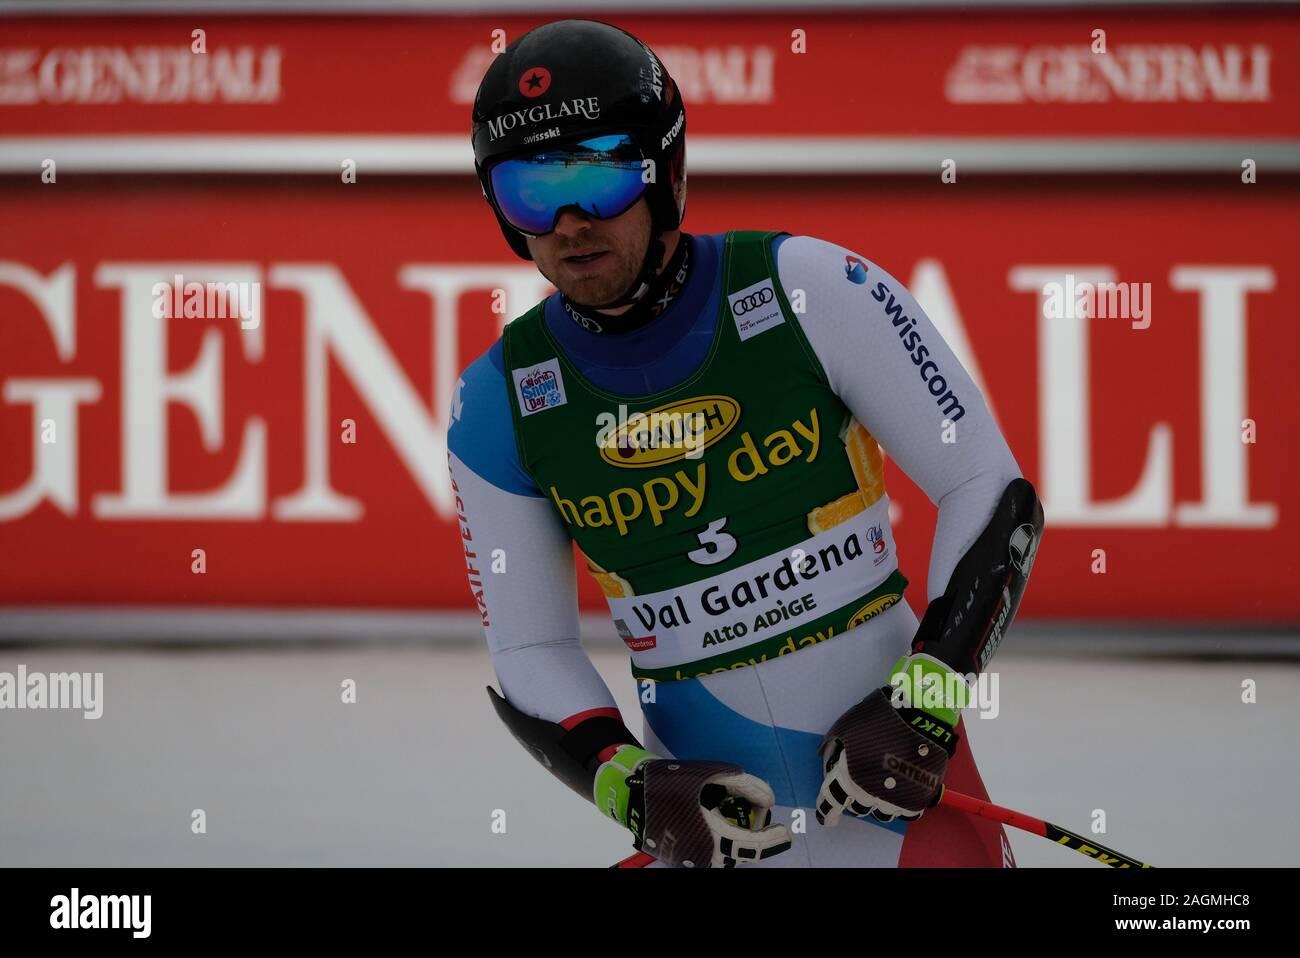 December 20, 2019, Val Gardena, Italy: mauro caviziel (sui)during FIS SKI WORLD CUP 2019 - Super G Men, Ski in Val Gardena, Italy, December 20 2019 - LPS/Roberto Tommasini (Credit Image: © Roberto Tommasini/LPS via ZUMA Wire) Stock Photo